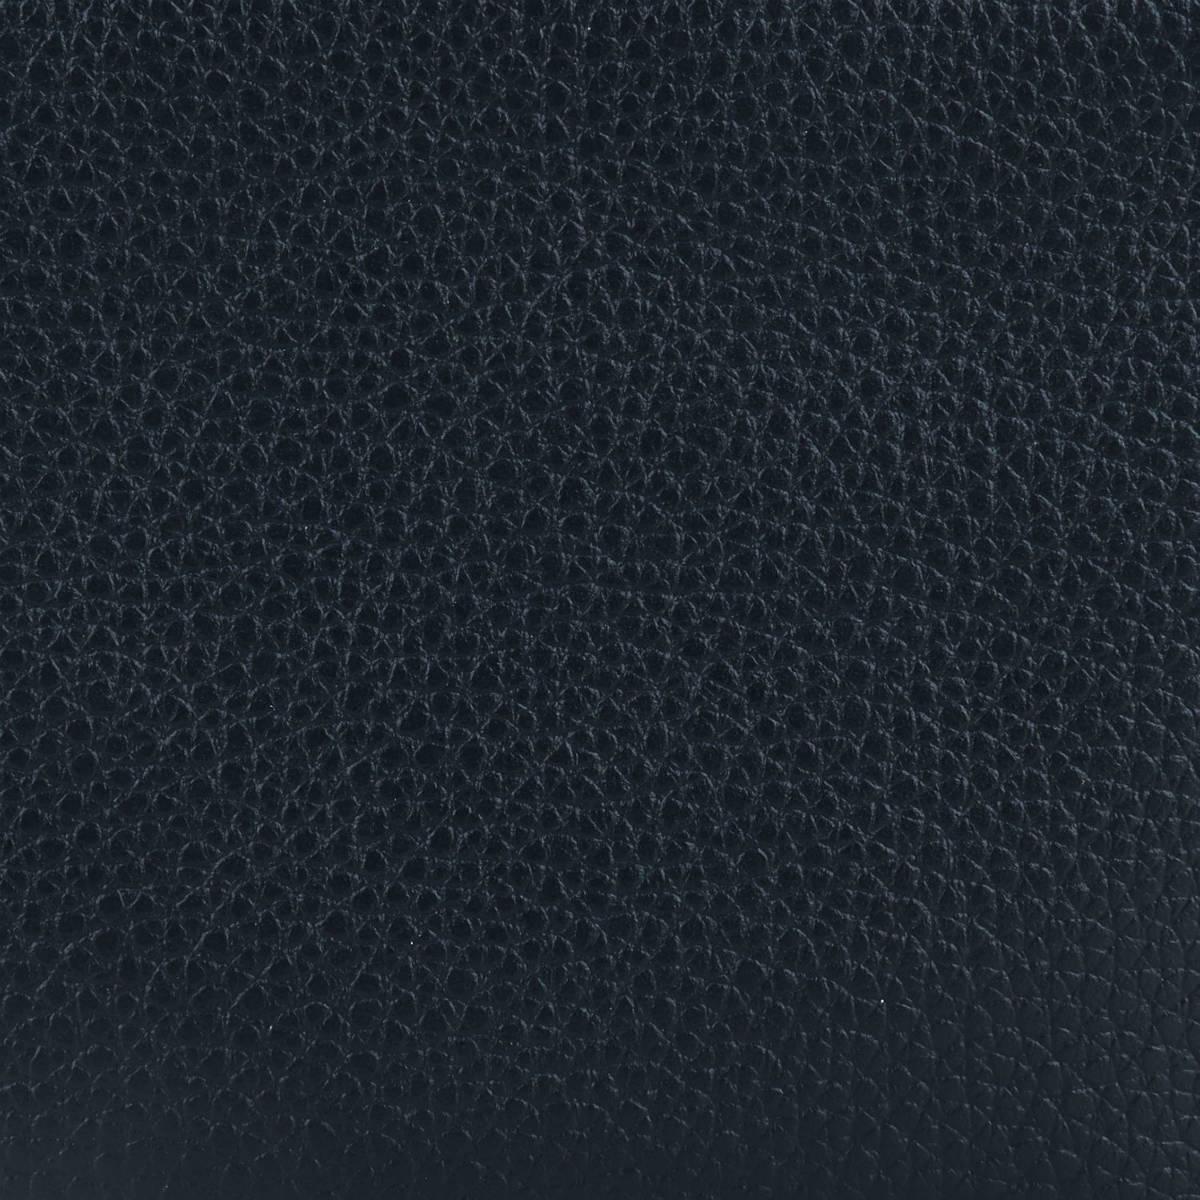 ペッレモルビダ PELLE MORBIDA Colore コローレ 撥水 シュリンク風型押しレザー キーチャーム付き コインケース PMO-ST009P NVY (ネイビー×オレンジ)秋冬新作